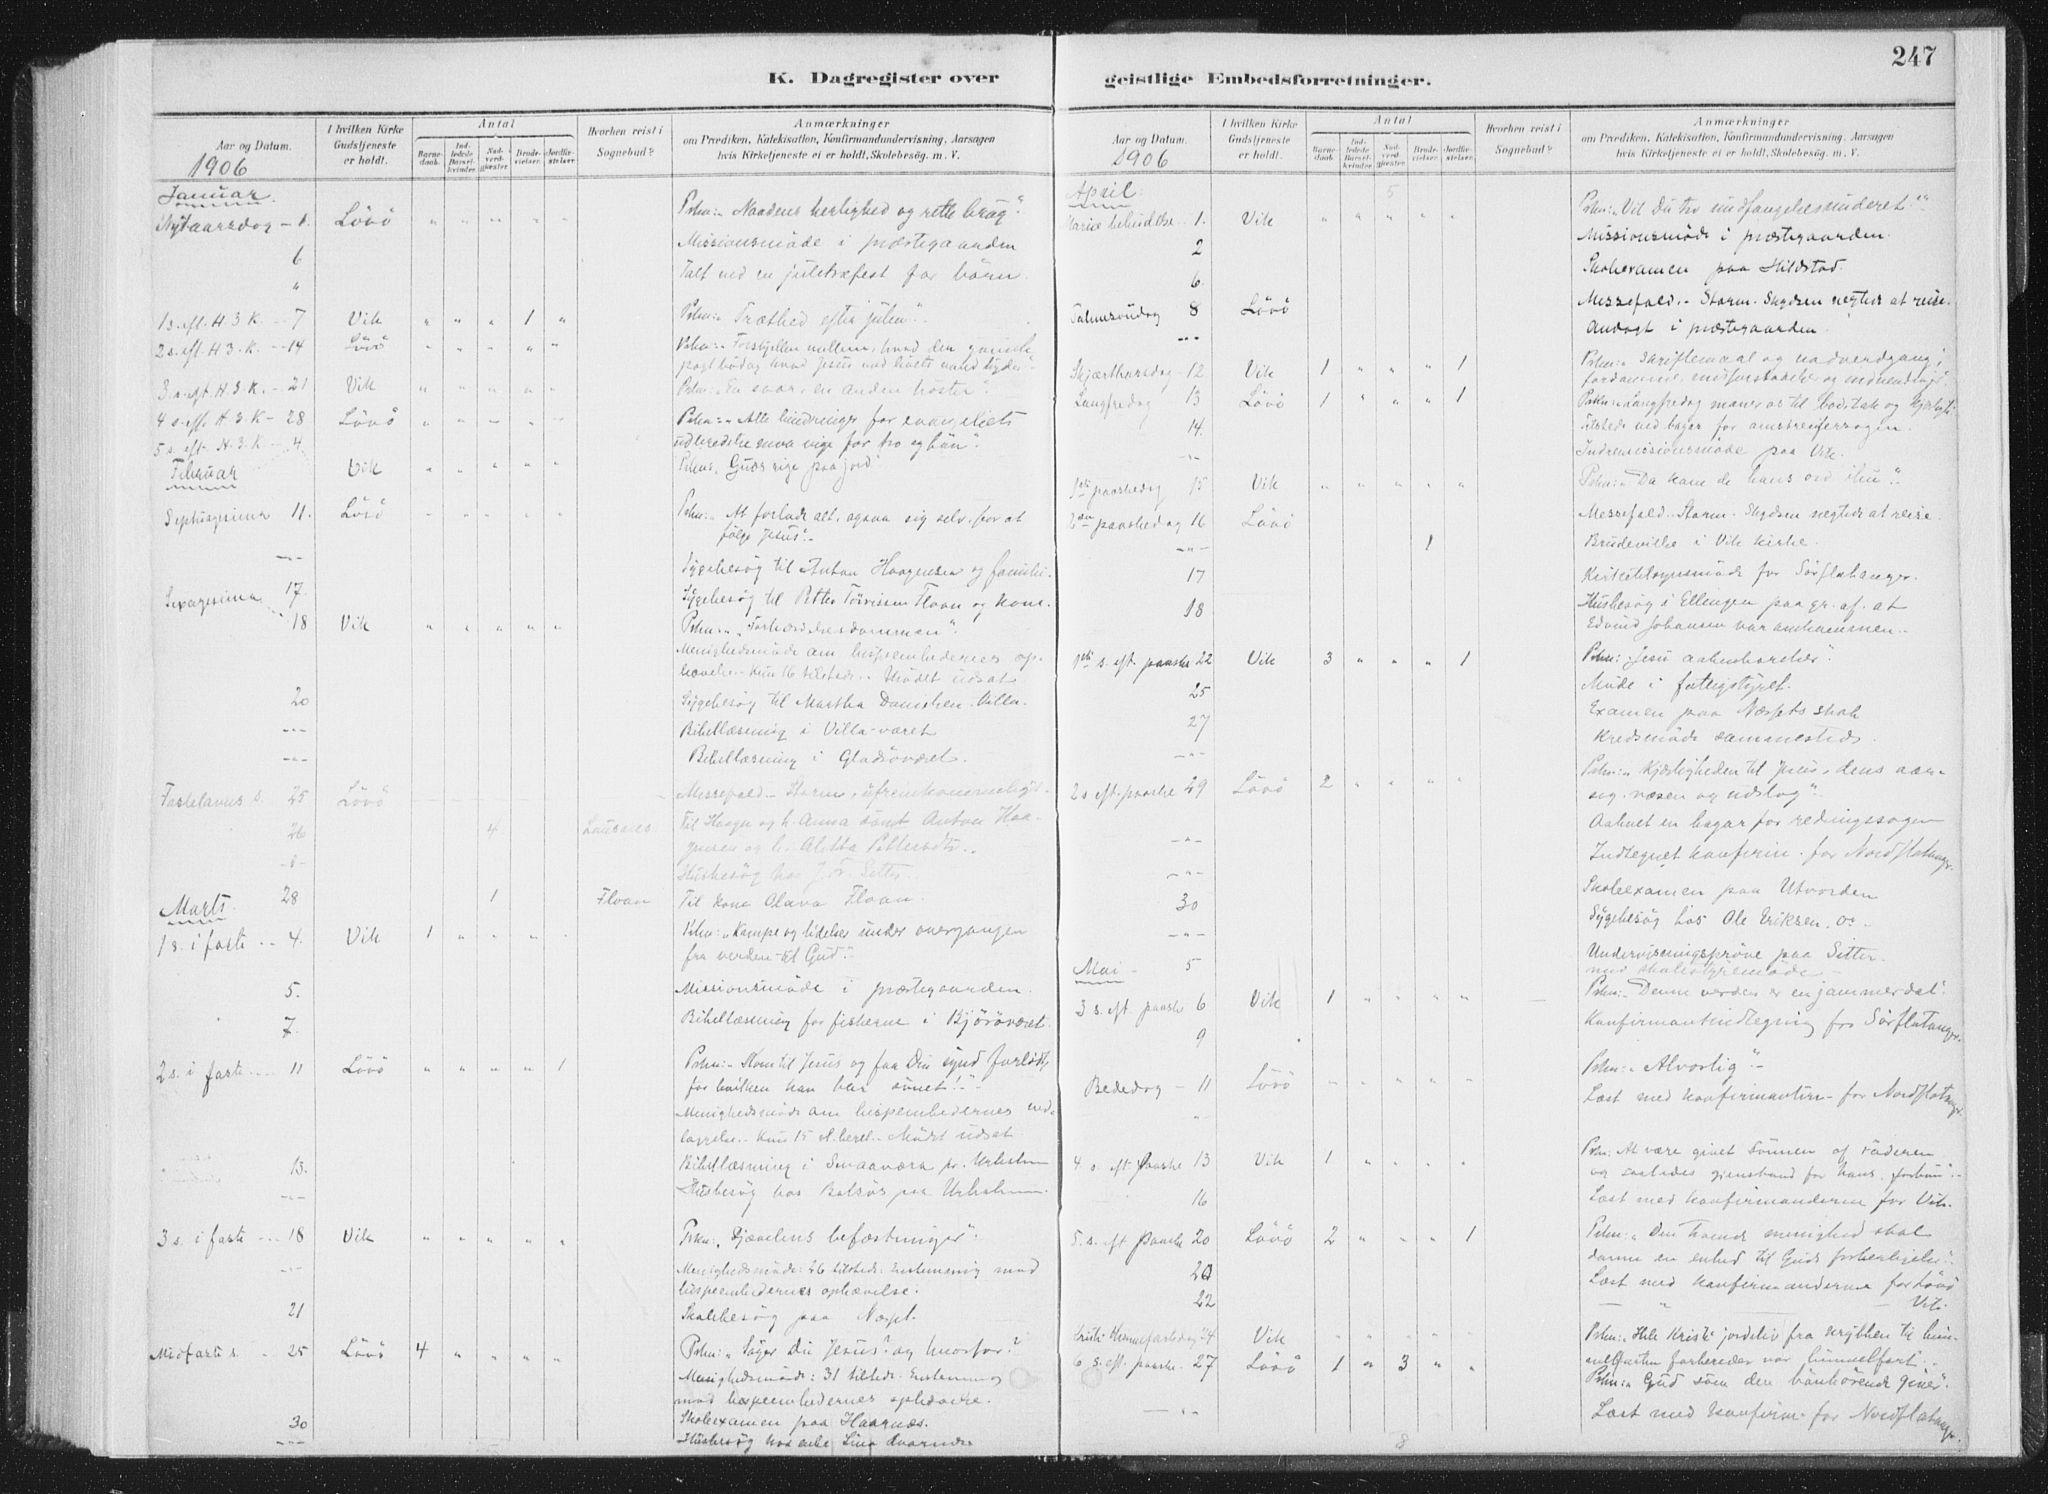 SAT, Ministerialprotokoller, klokkerbøker og fødselsregistre - Nord-Trøndelag, 771/L0597: Ministerialbok nr. 771A04, 1885-1910, s. 247